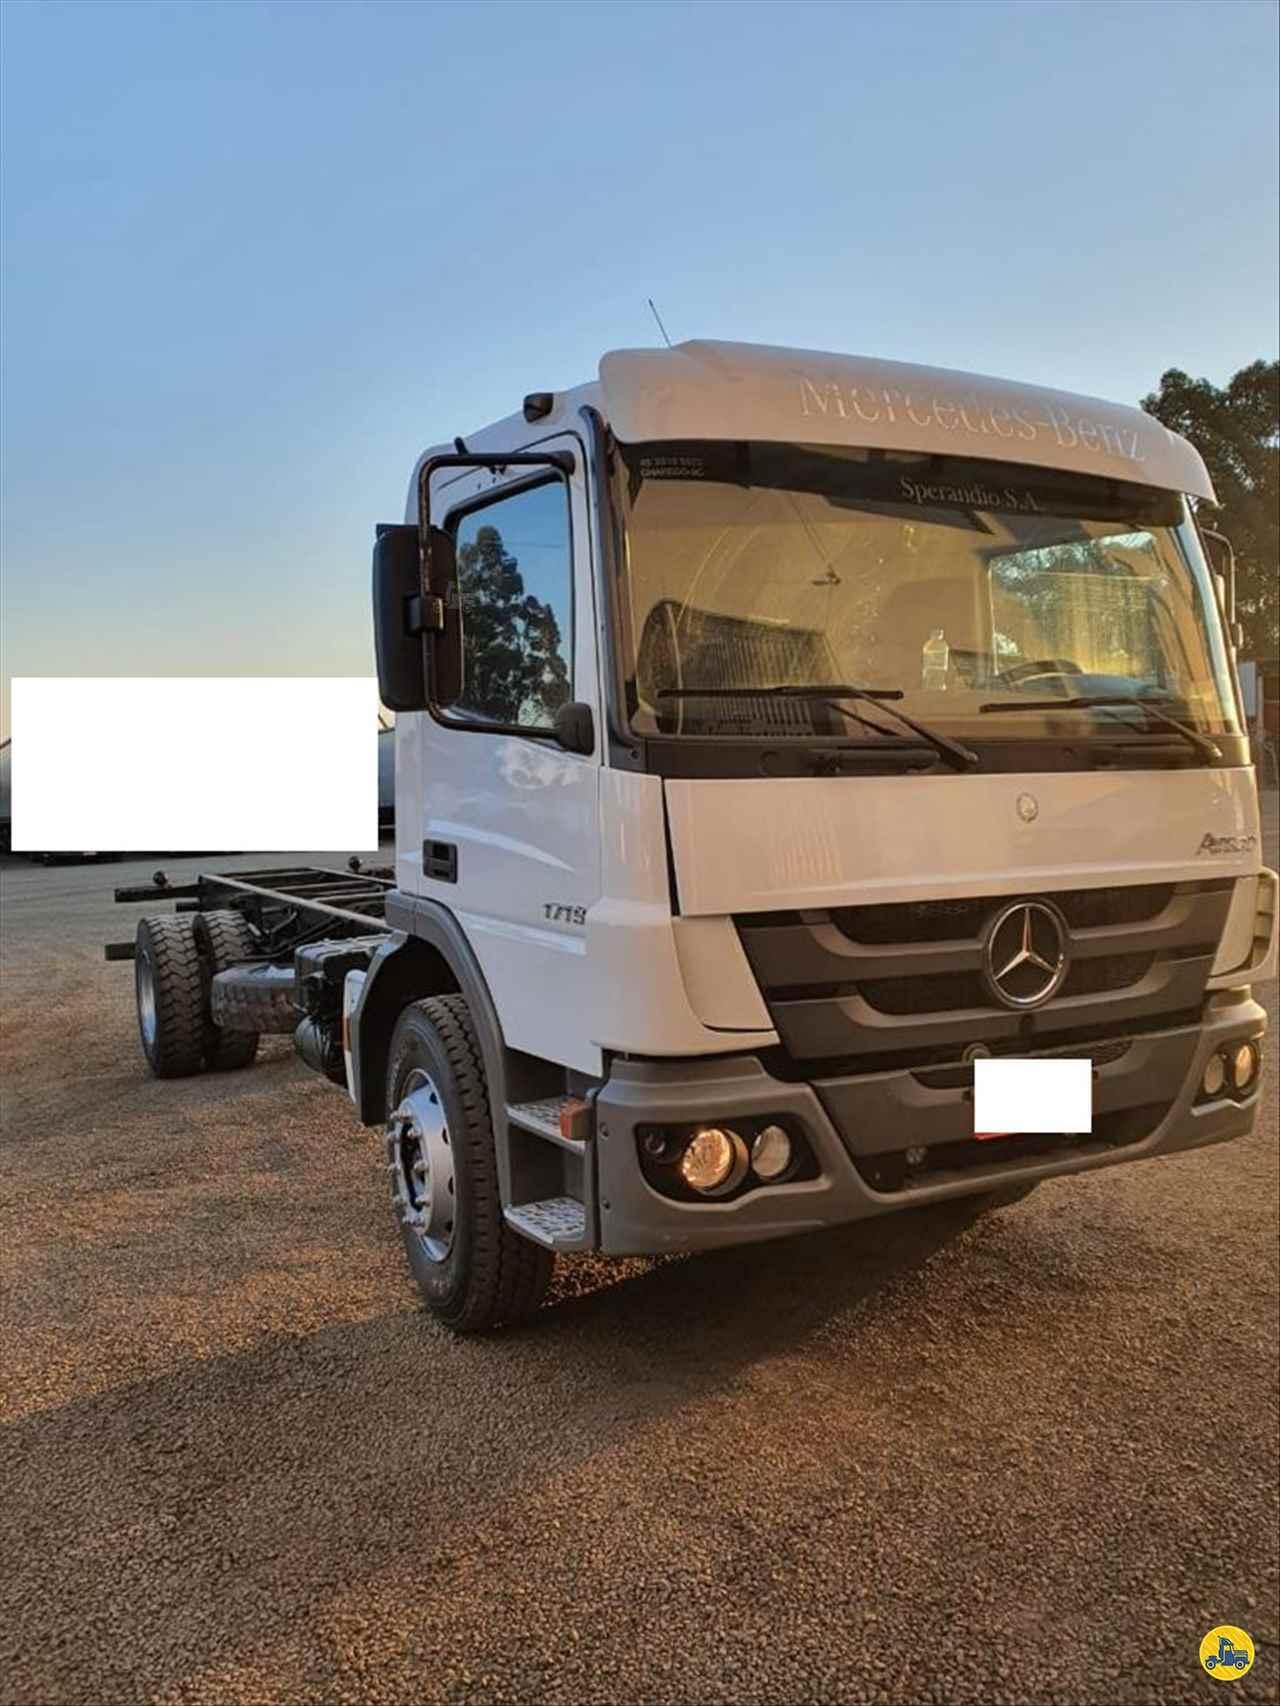 CAMINHAO MERCEDES-BENZ MB 1719 Chassis Truck 6x2 Transmap Caminhões SANTA ROSA RIO GRANDE DO SUL RS